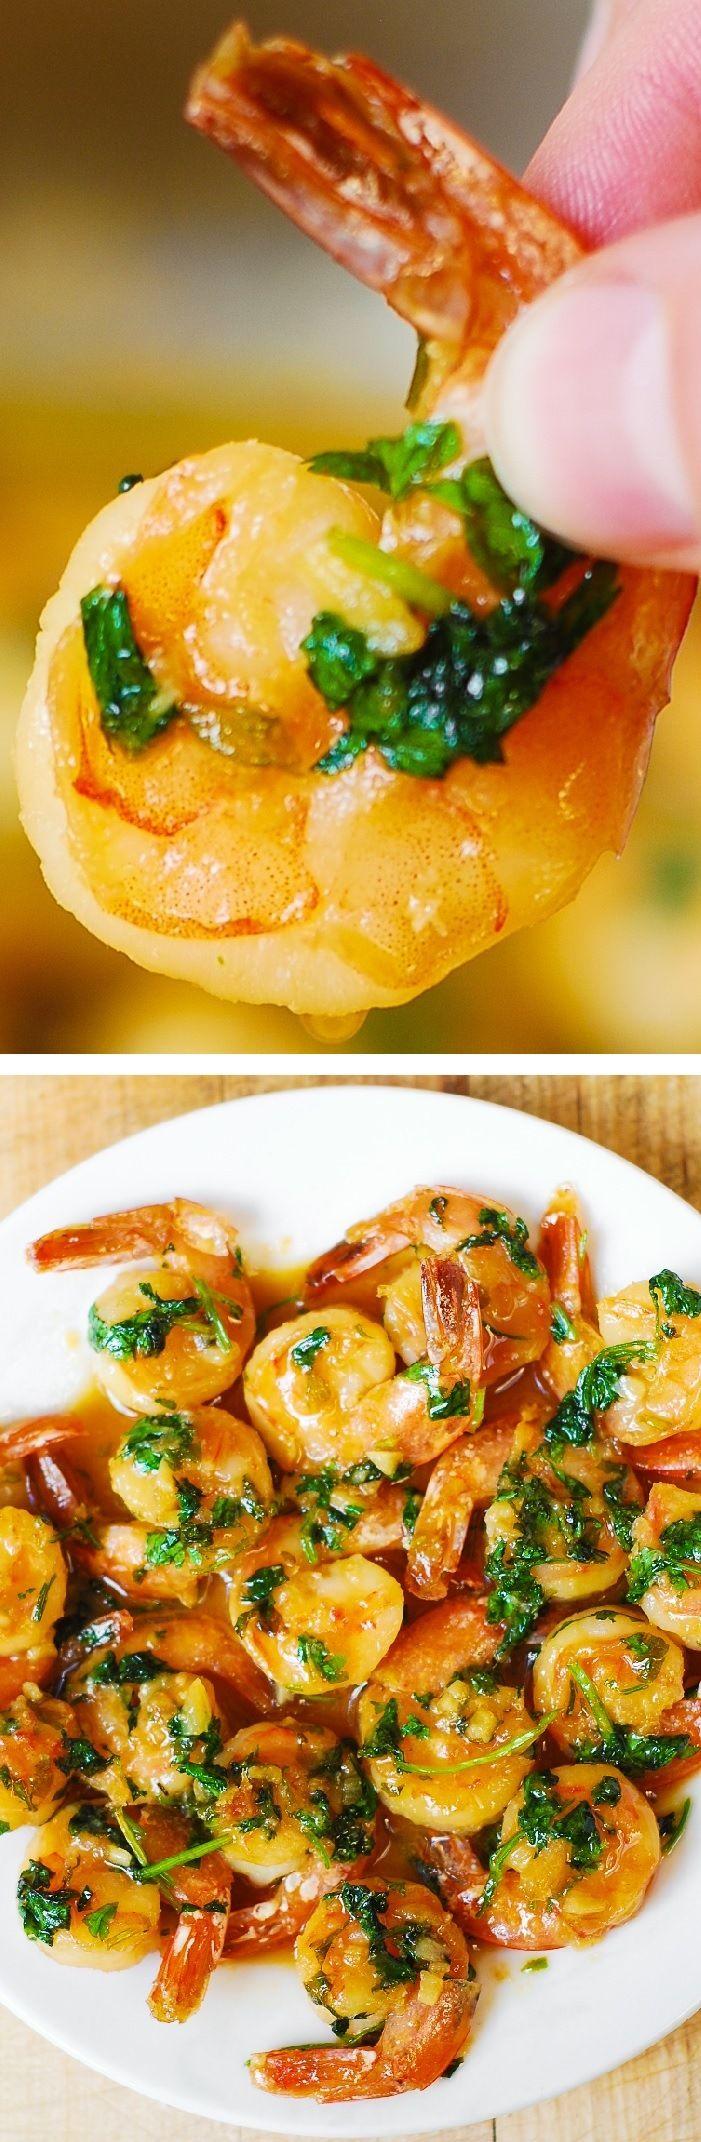 Cilantro Lime Honey Garlic Shrimp Healthy RecipesPrawn